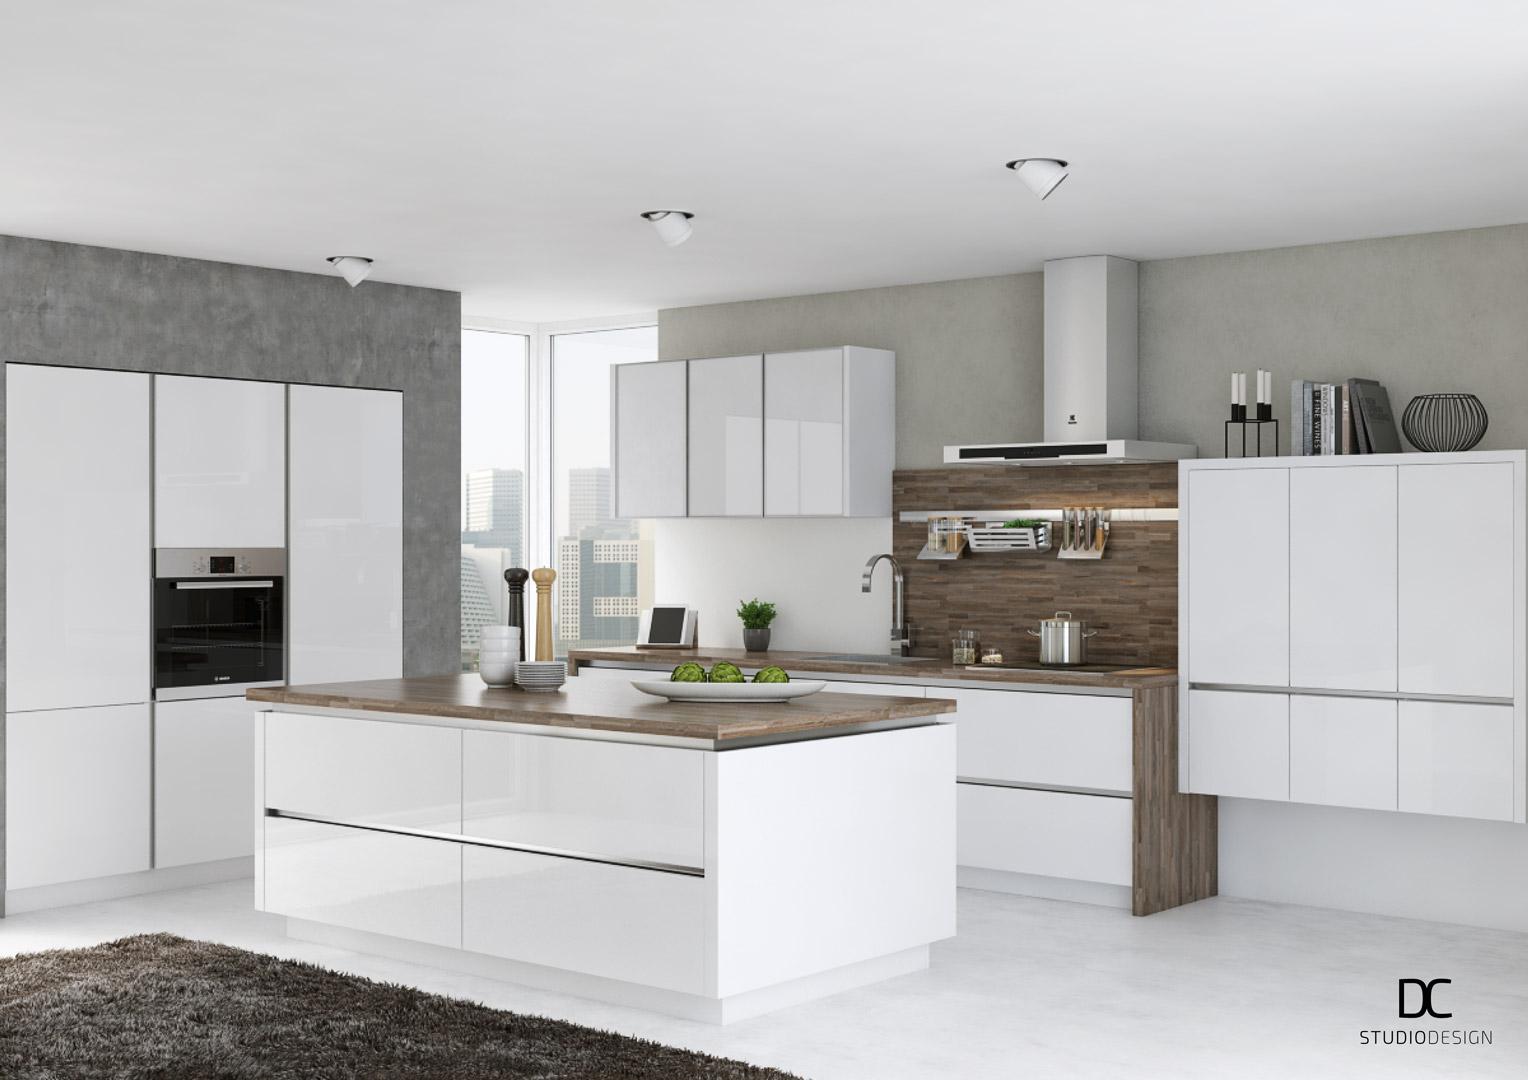 kitchen handle visualization dc studio design. Black Bedroom Furniture Sets. Home Design Ideas